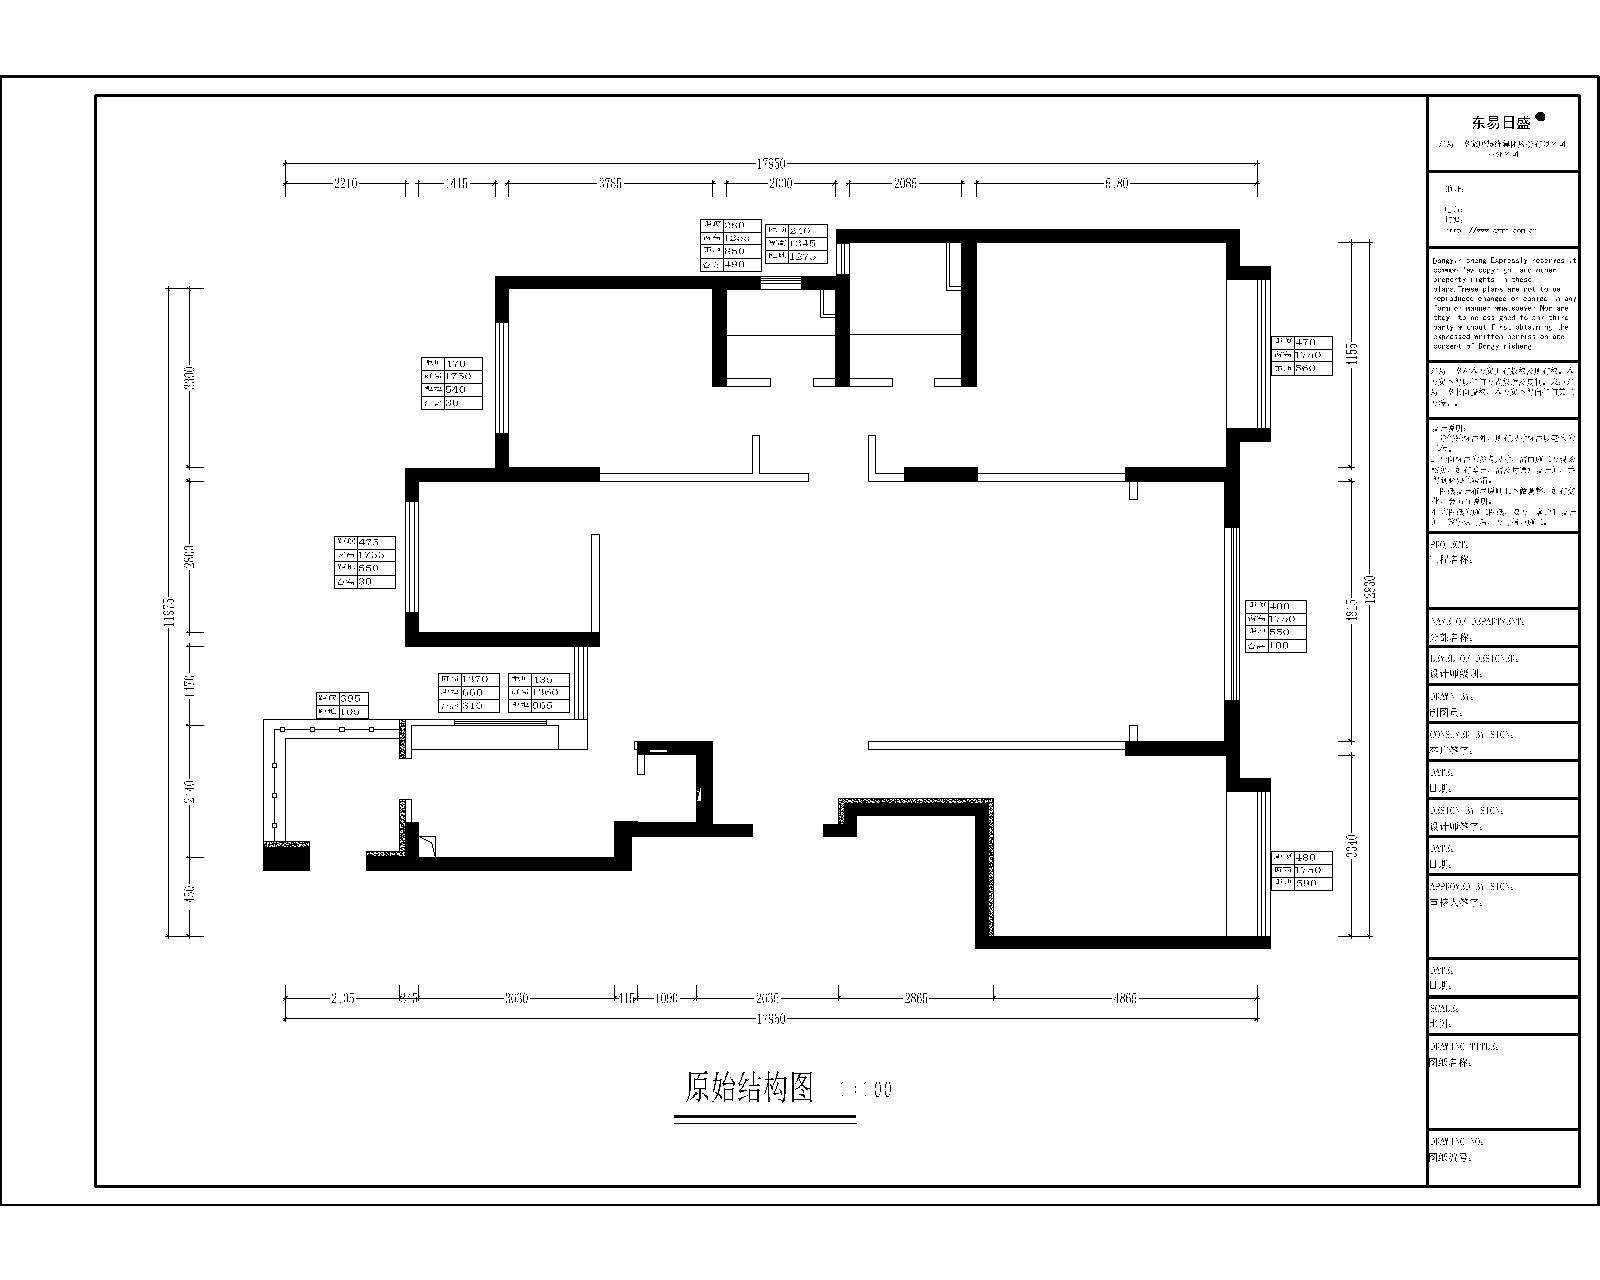 栖棠映山 雅致风格 190平米 三房两厅 装修效果图装修设计理念